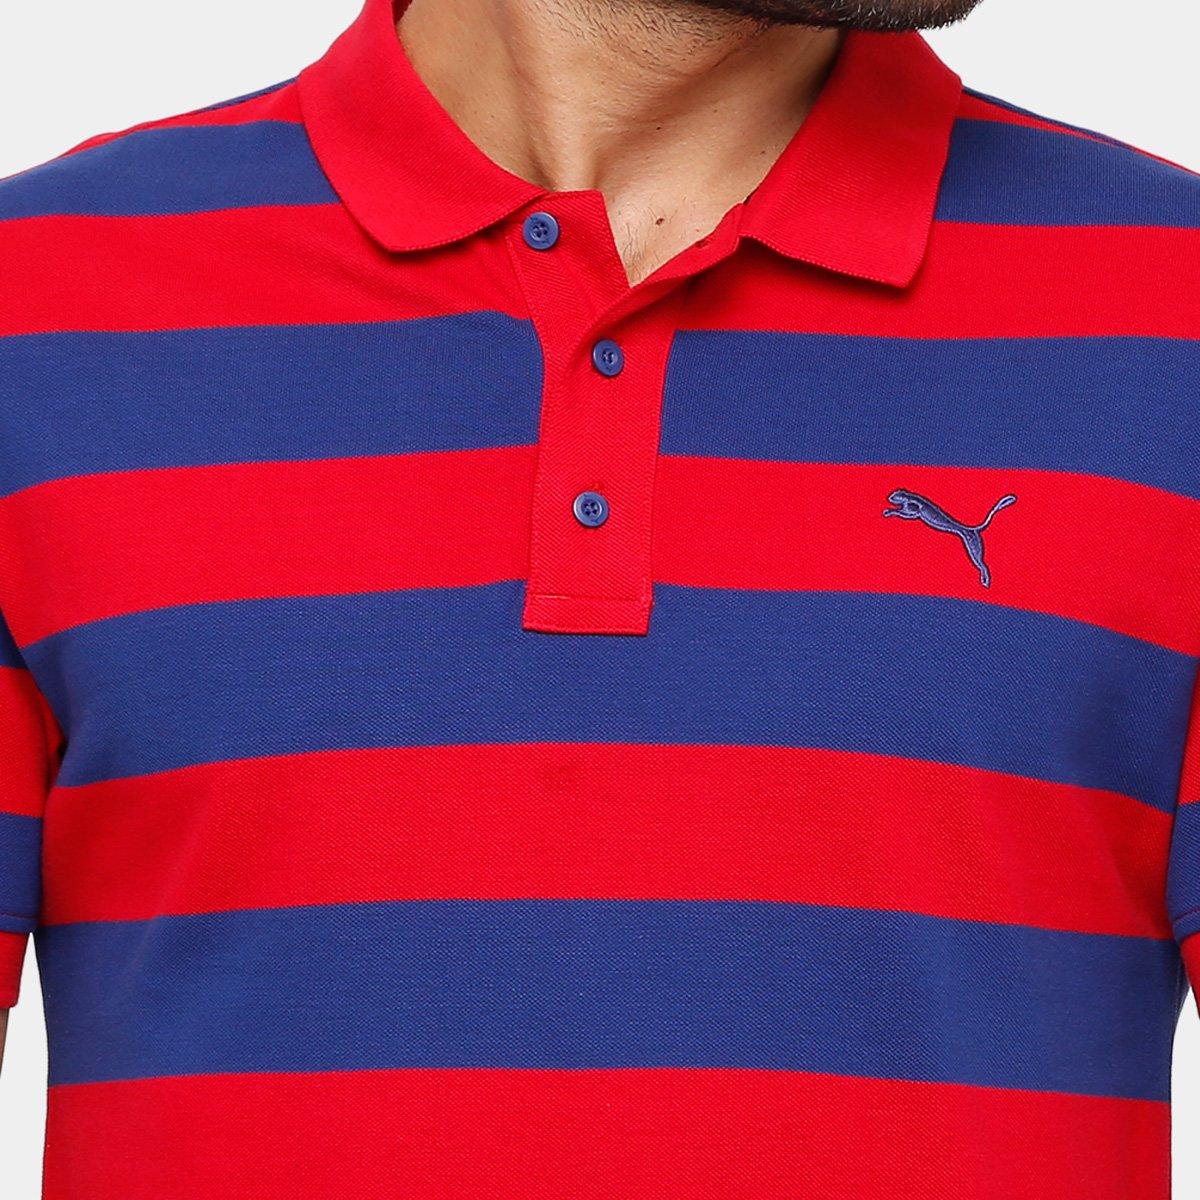 Camisa Polo Puma Ess Striped Pique Masculina - Marinho e Vermelho ... 00ccd3cf2041c